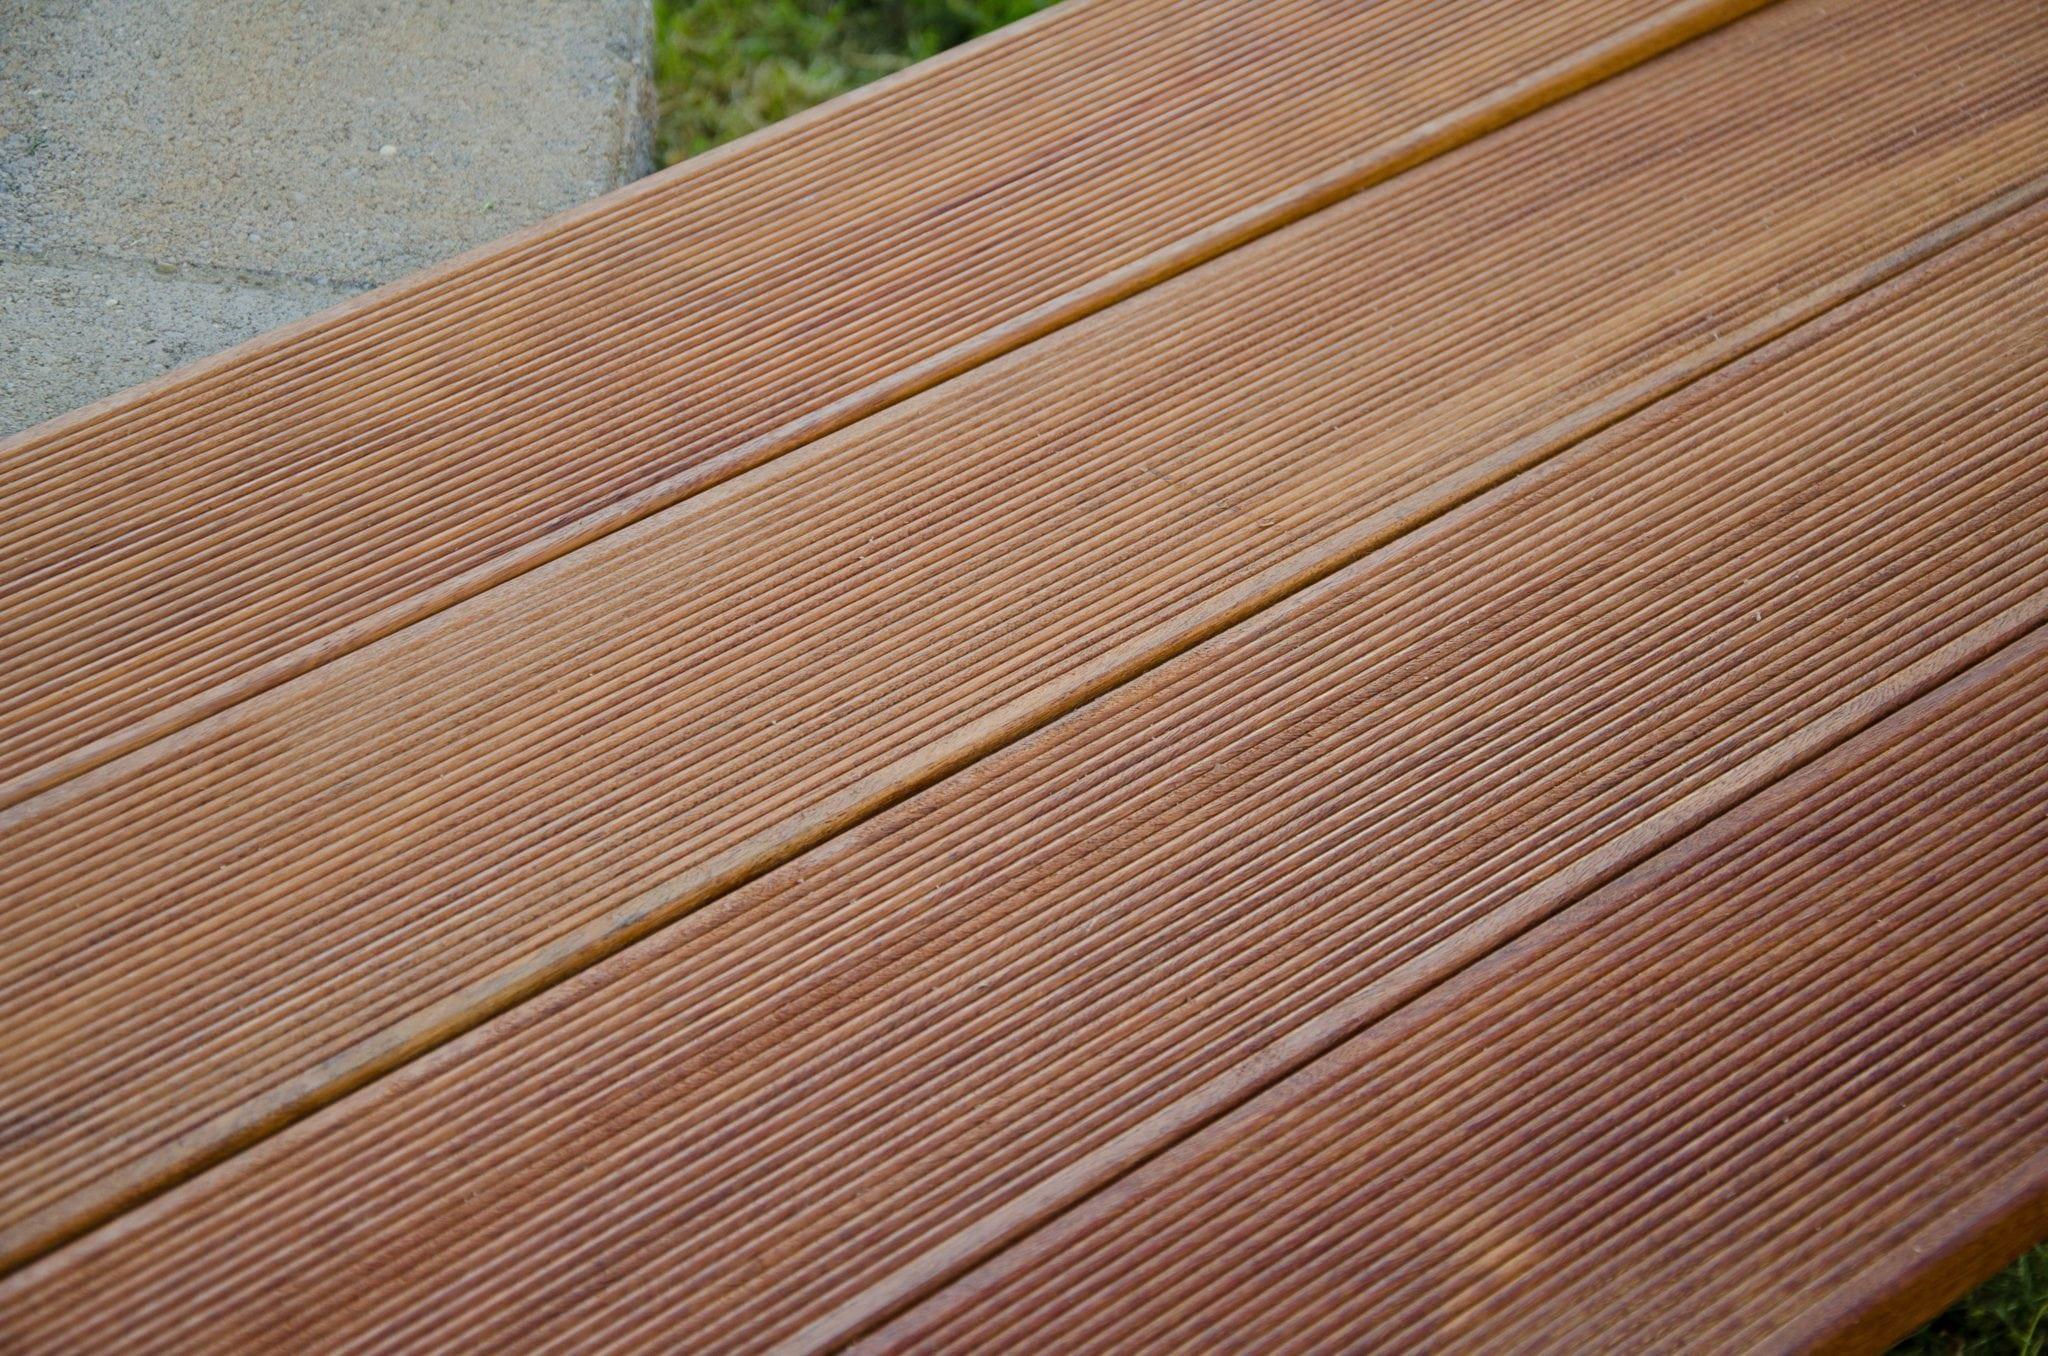 Decking cumaru teak americano mm 21 145 vela s r l - Terrazze in legno da esterno ...